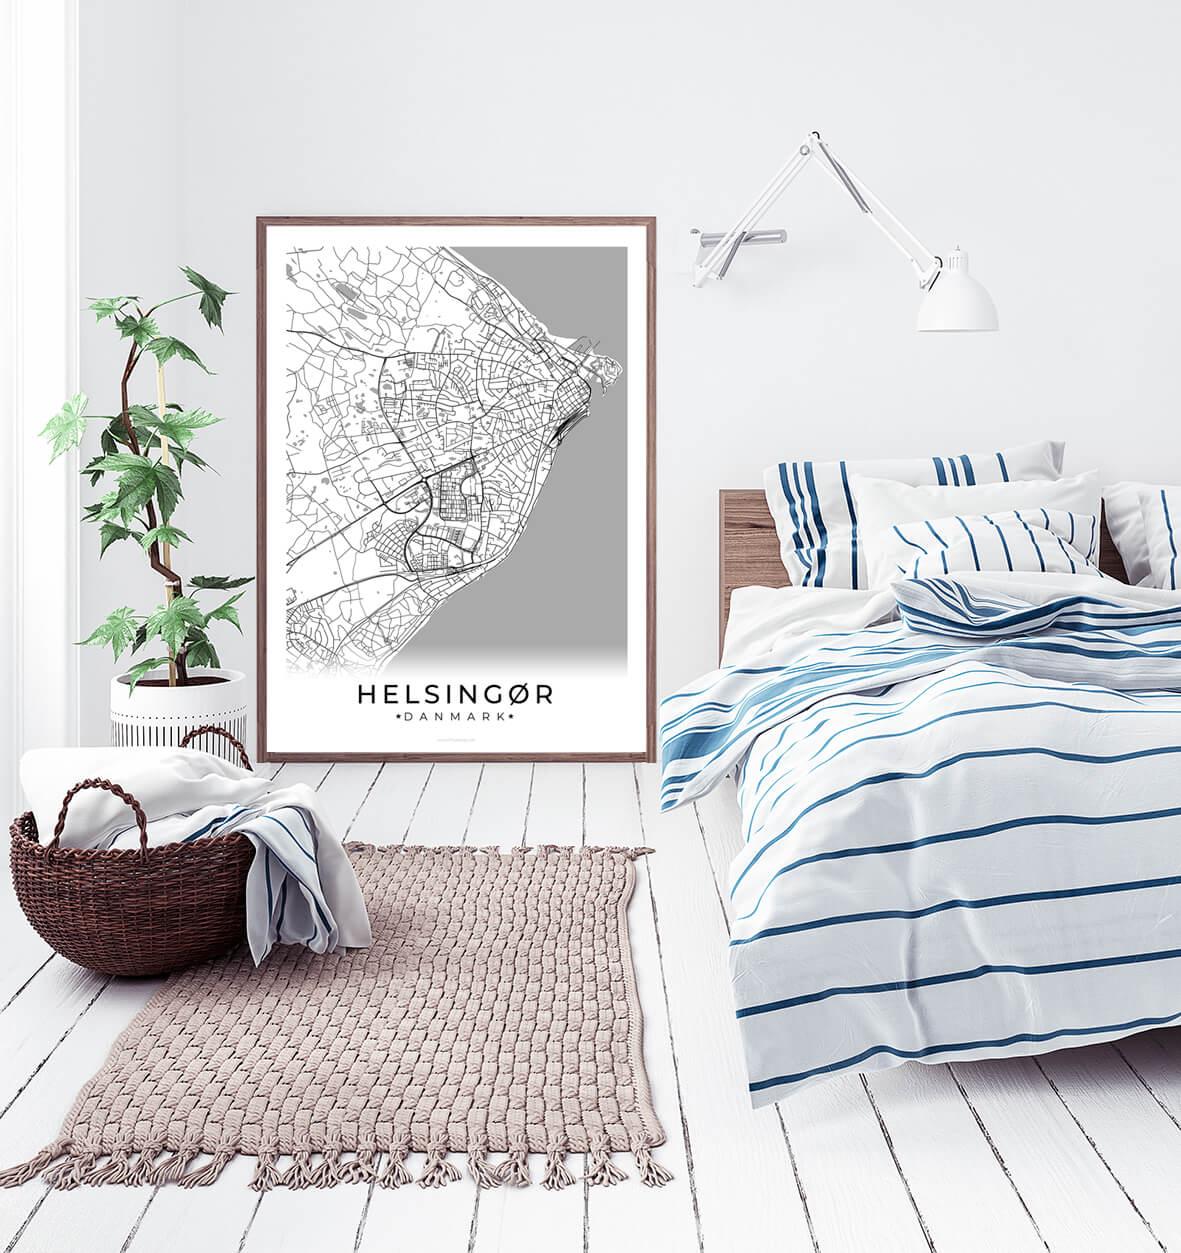 Helsingoer-hvid-byplakat-2